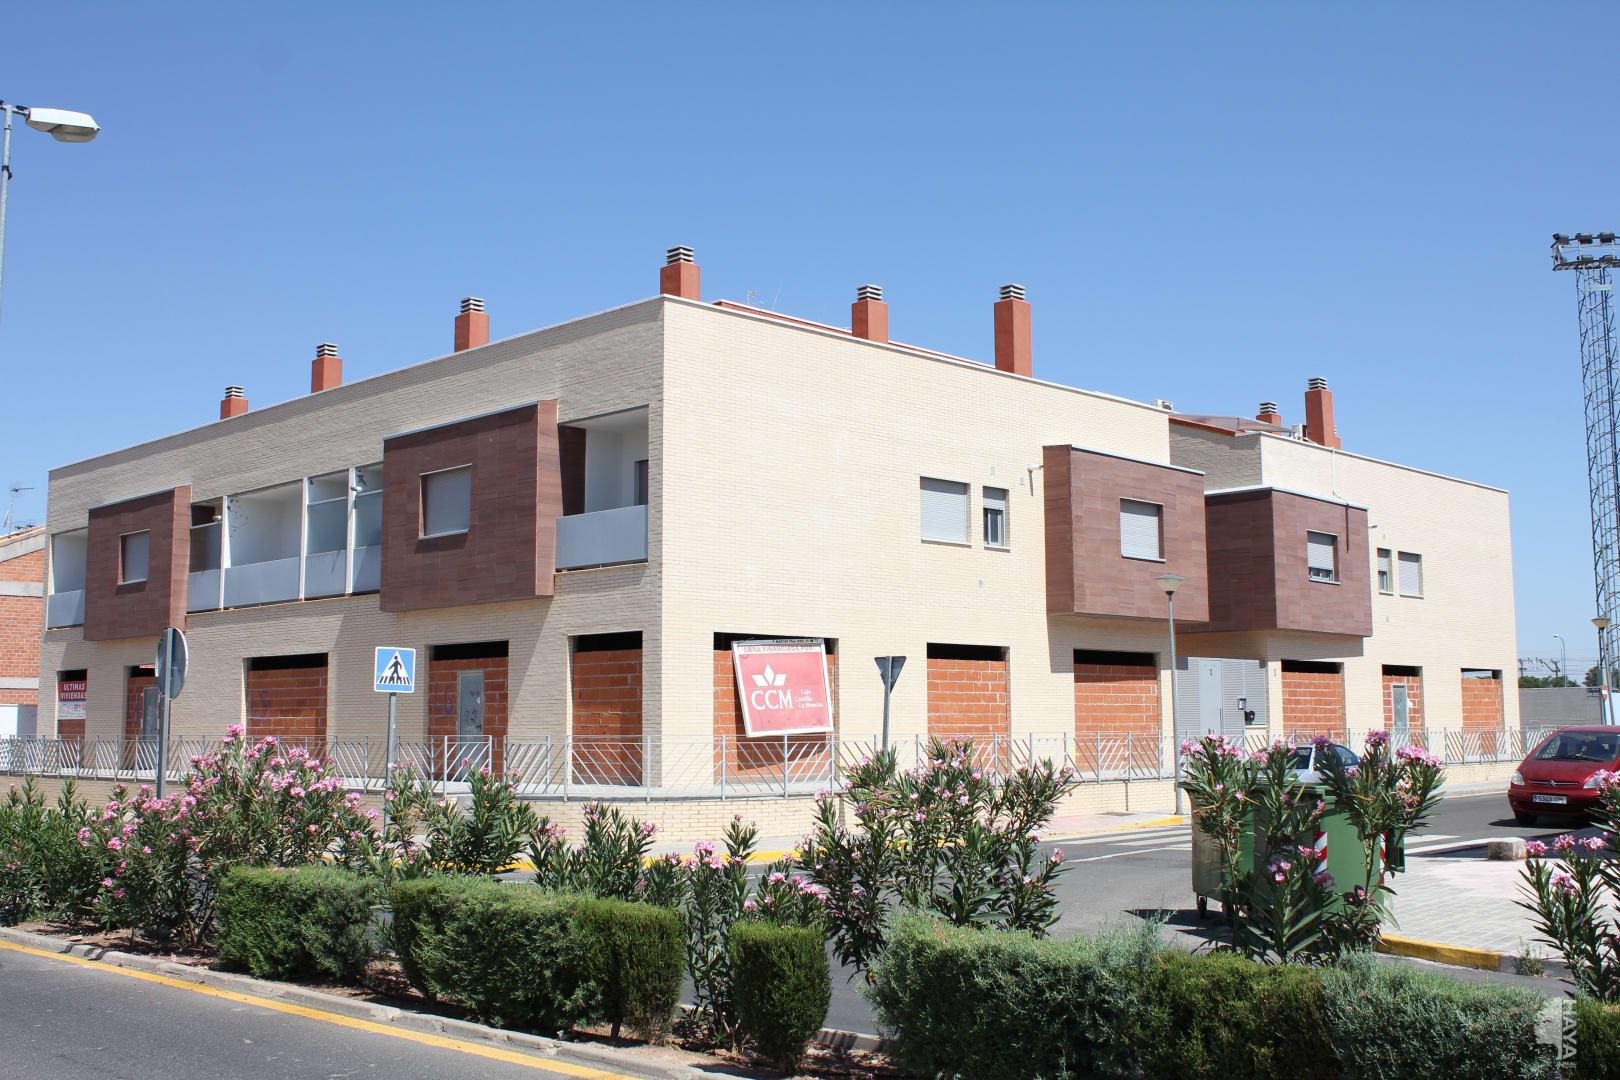 Piso en venta en Miguelturra, Ciudad Real, Calle Chavela Vargas, 68.200 €, 2 habitaciones, 1 baño, 119 m2